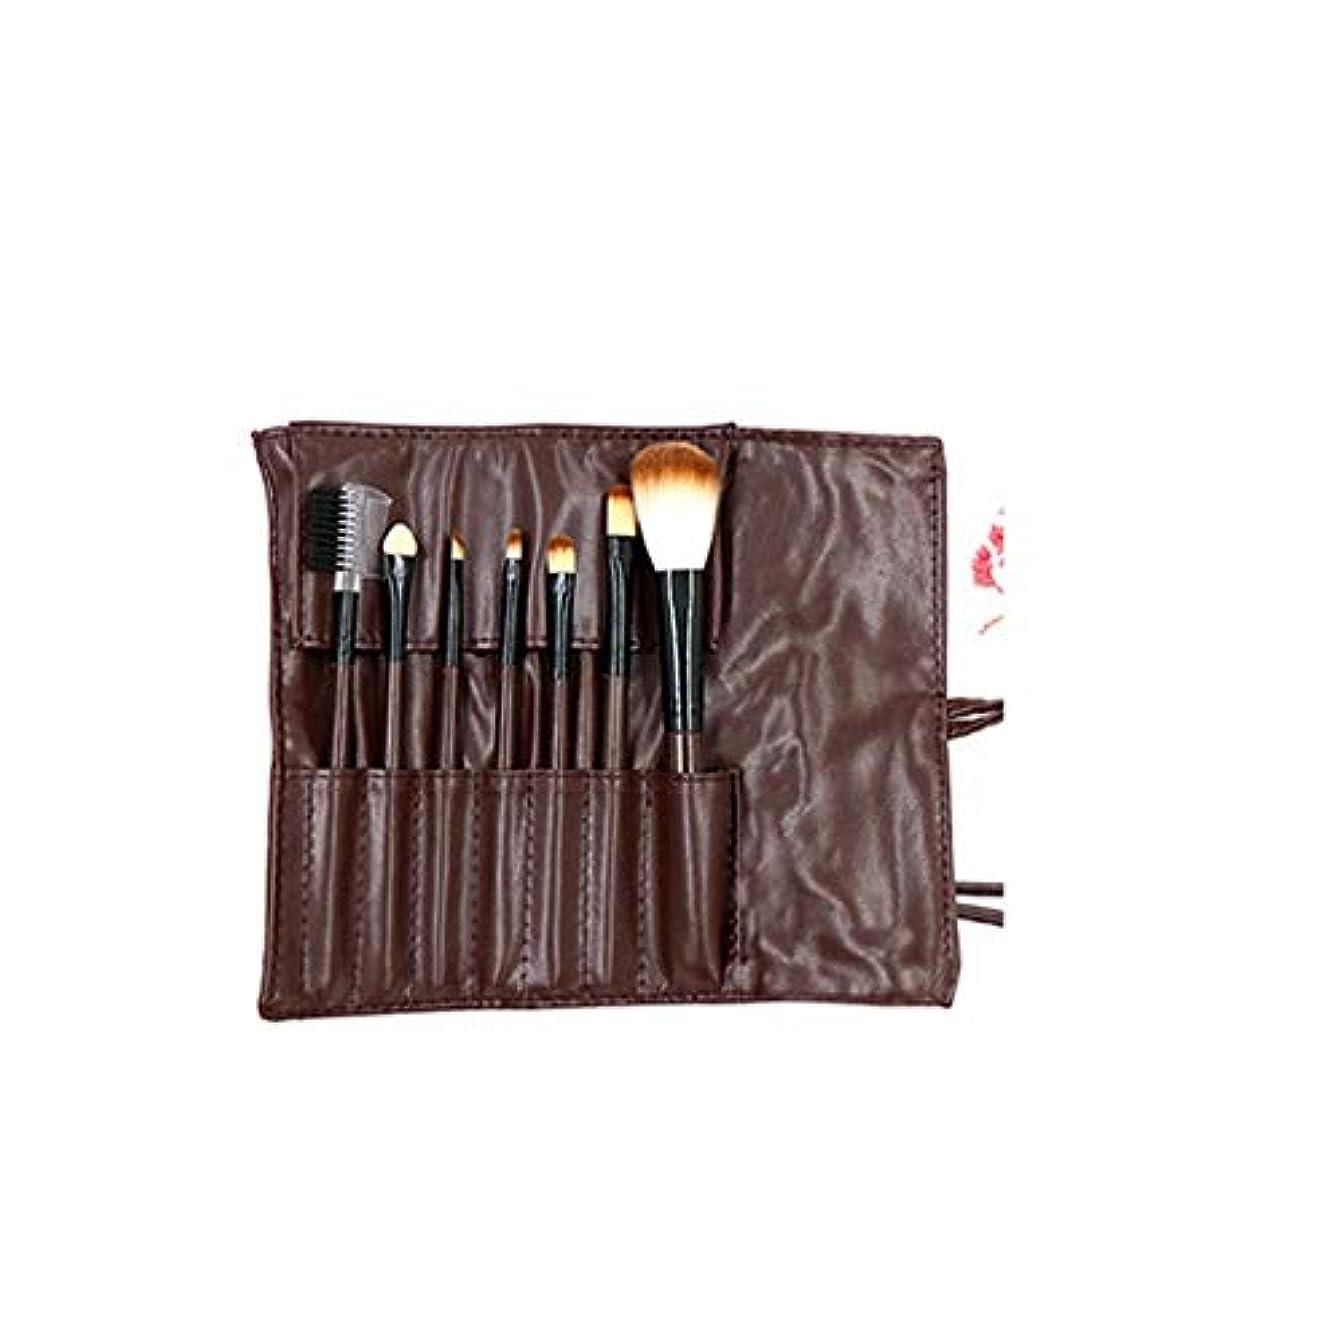 ジャニスビジュアル激しい化粧ブラシセット、ブラウン7化粧ブラシ化粧ブラシセットアイシャドウブラシリップブラシ美容化粧道具 (Color : ブラウン)